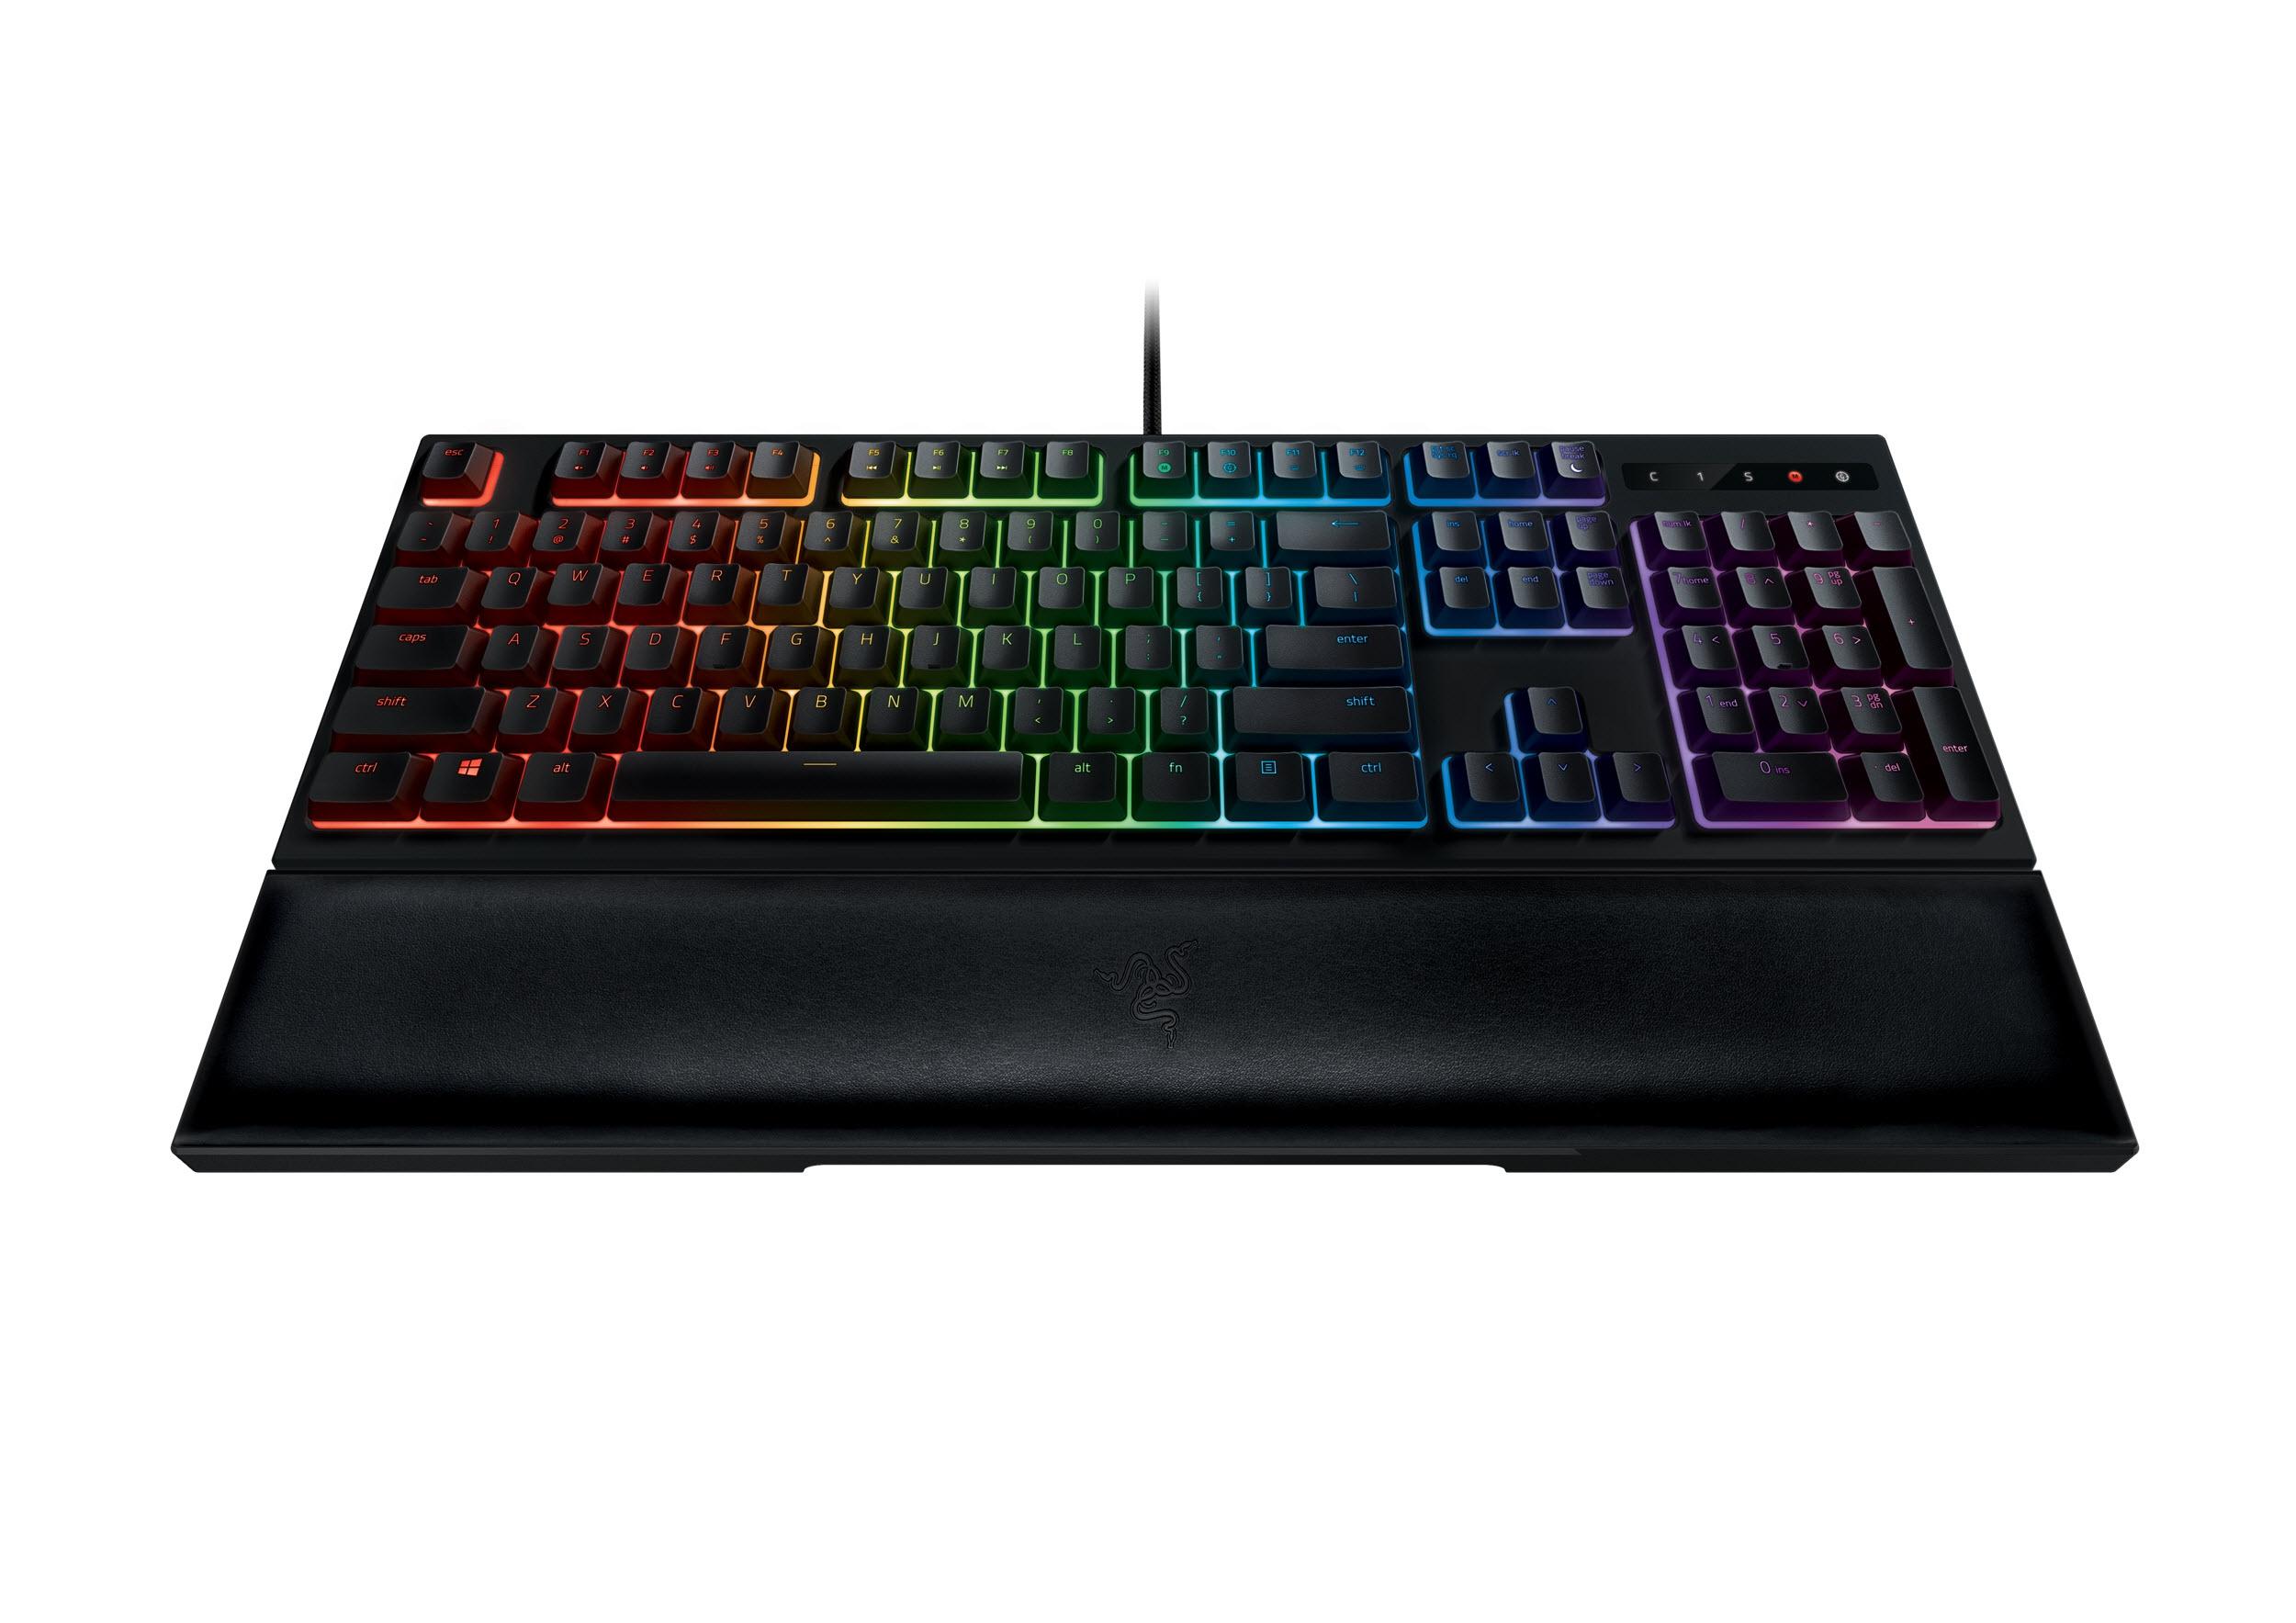 Razer Mehanička tastatura Ornata Chroma